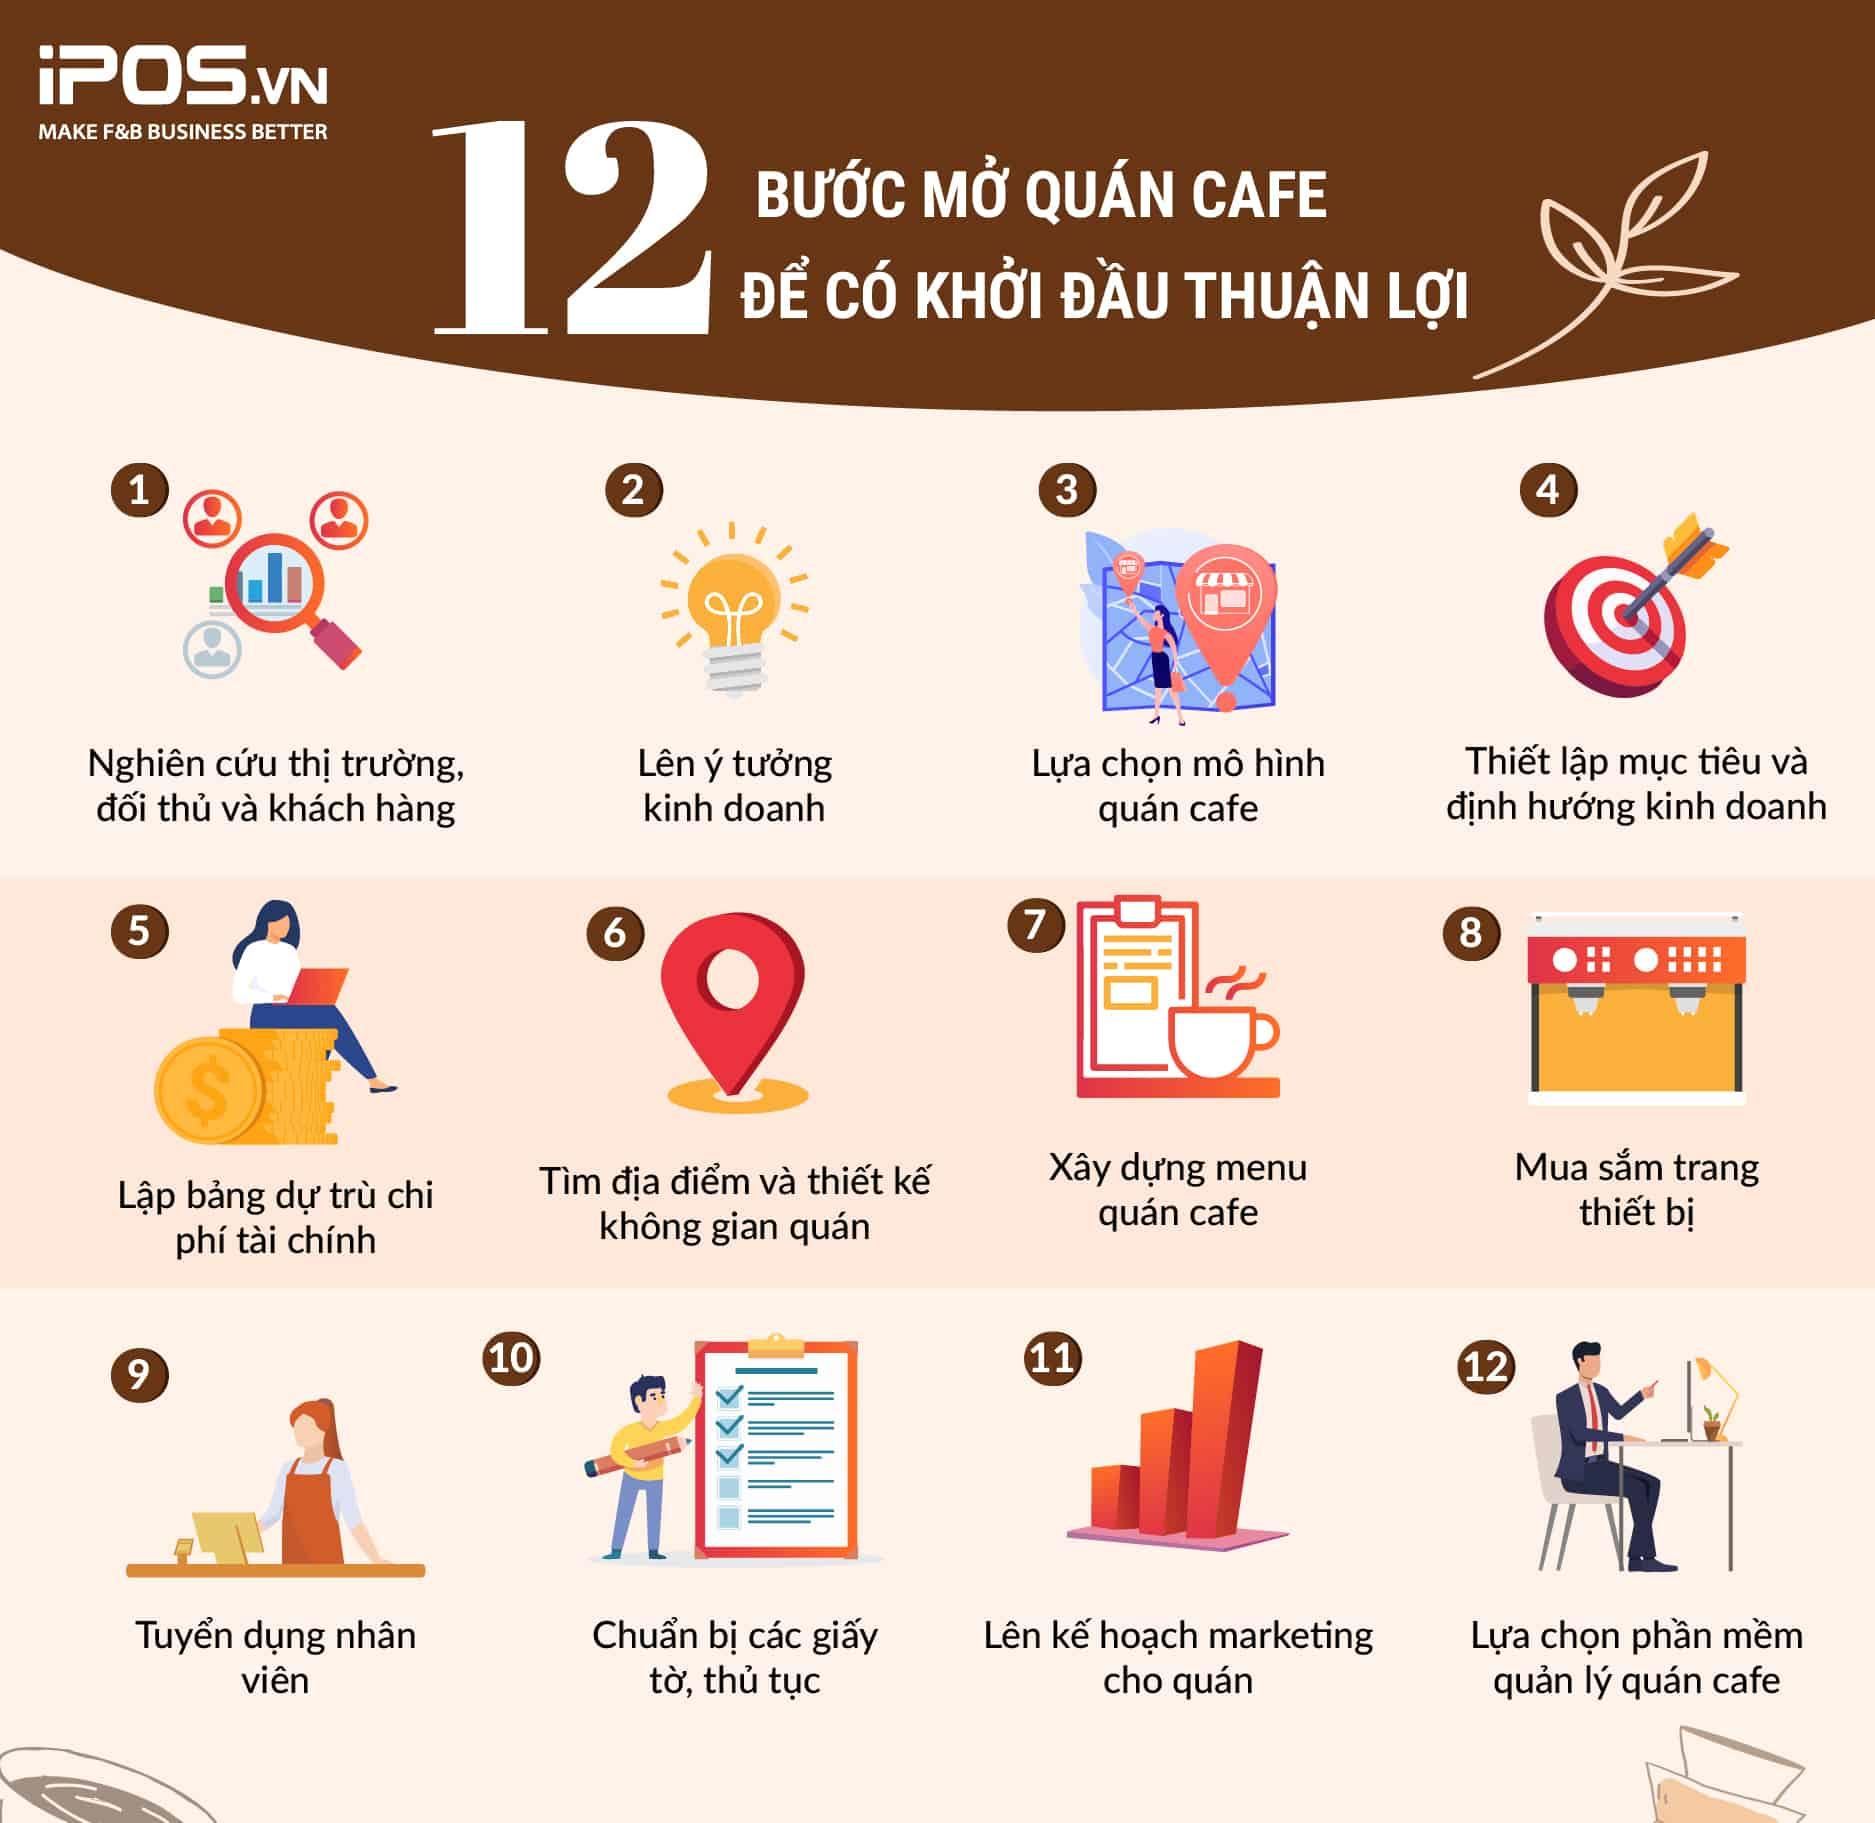 12 bước mở quán cafe để có khởi đầu thuận lợi và dễ dàng